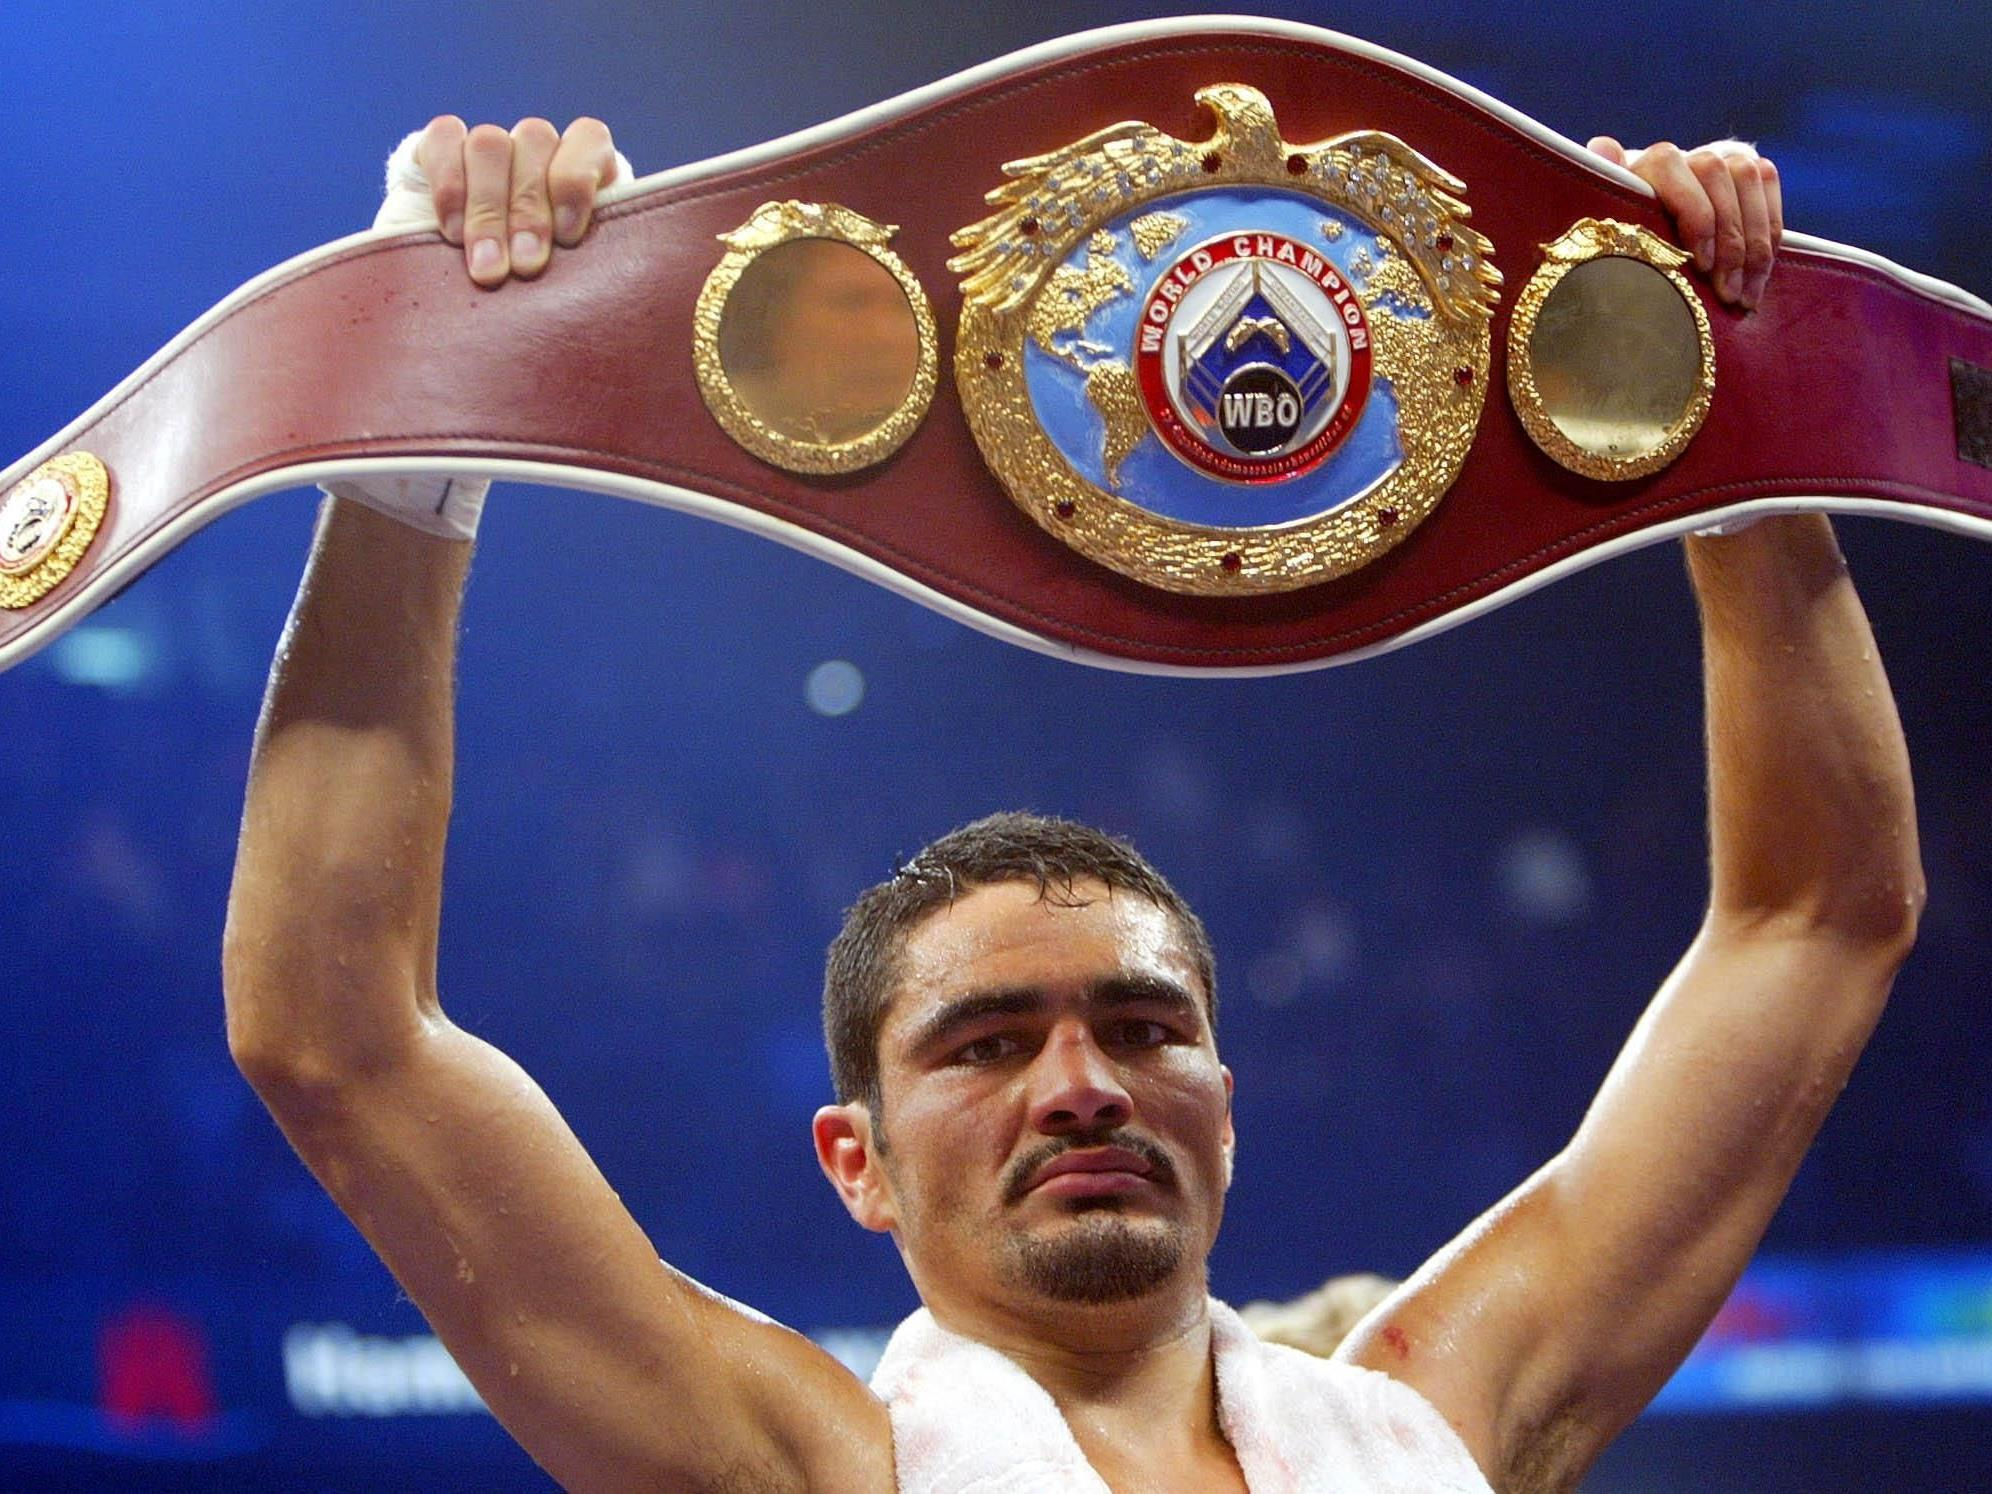 2003 gewann Julio Gonzalez den WBO-Titel im Halbschwergewicht.